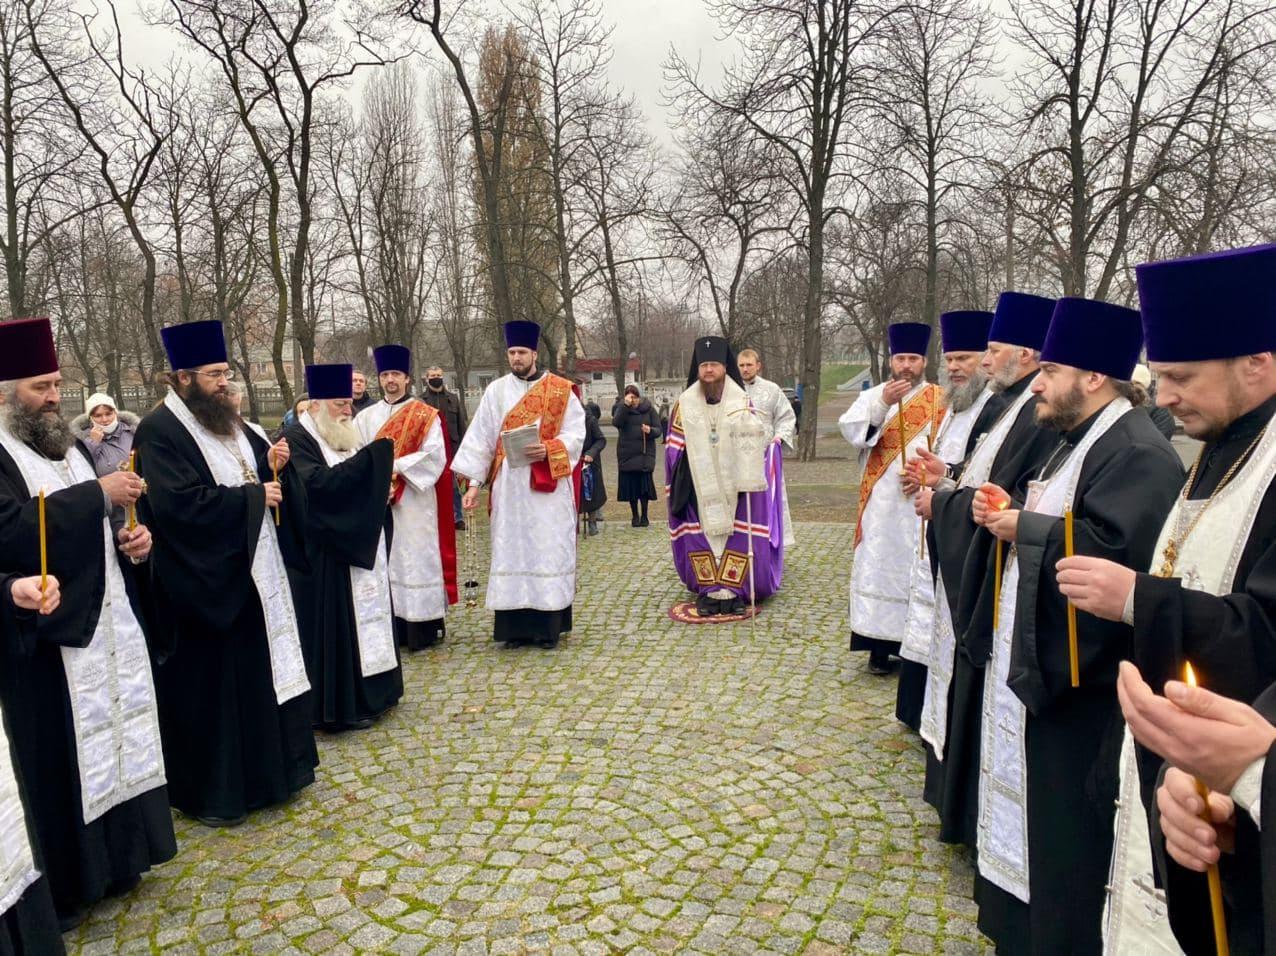 Управляющий Черкасской епархией архиепископ Феодосий почтил память жертв Голодомора и политических репрессий